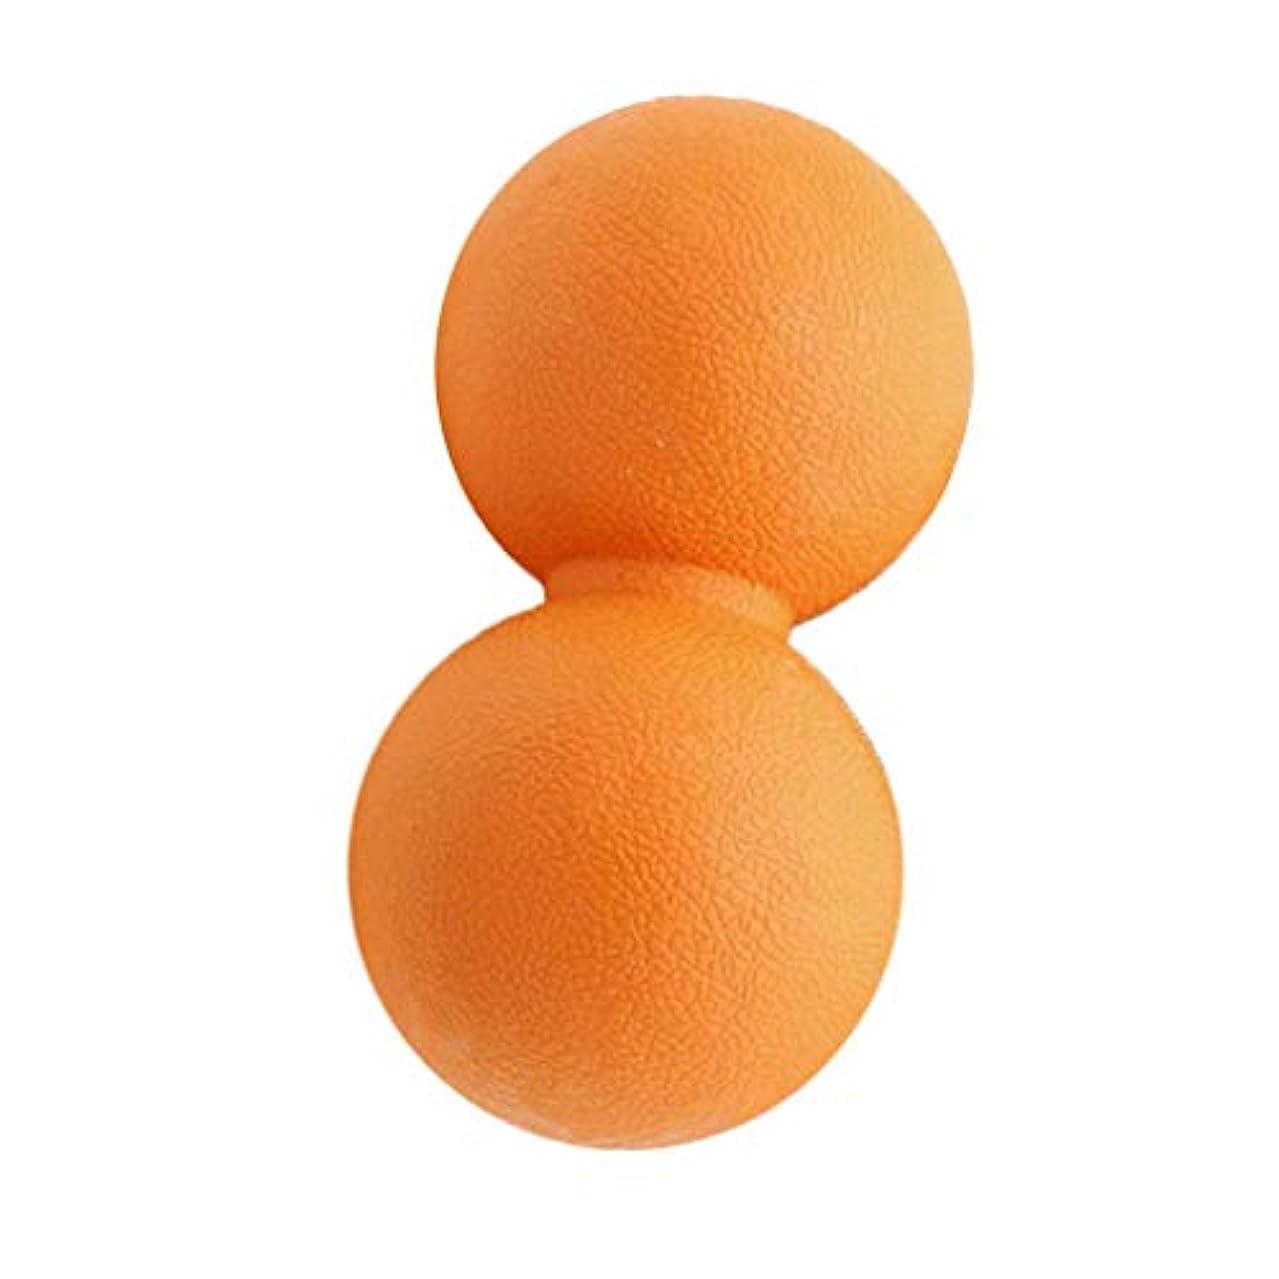 対称良心農夫CUTICATE 全2色 マッサージボール ピーナッツ ツボ押しグッズ 疲れ解消ボール 筋膜リリース 筋肉疲労回復 - オレンジ, 13cm